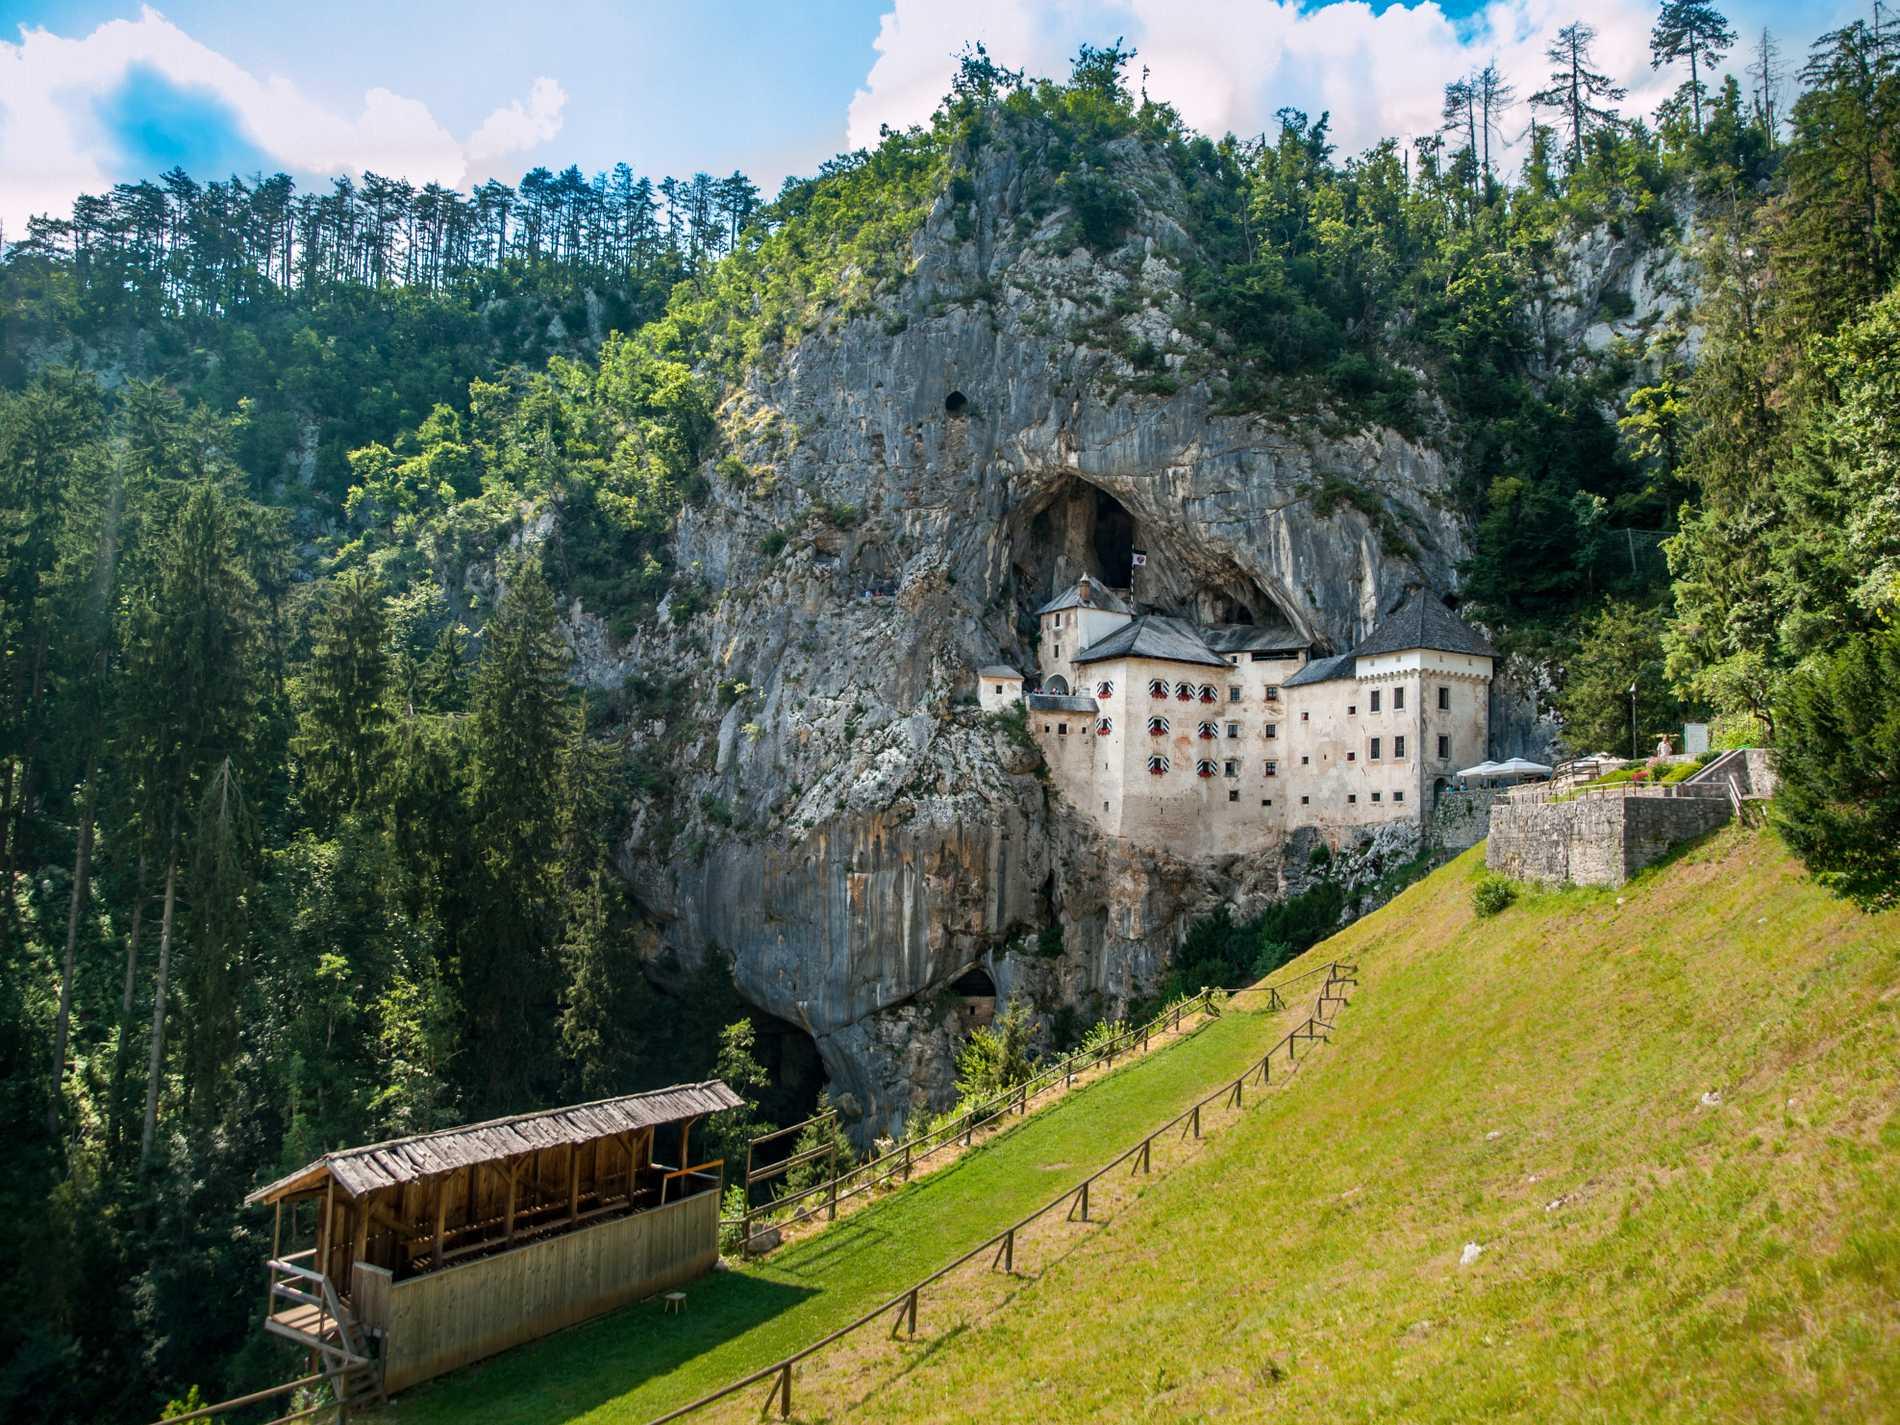 Predjama slott ligger halv inne i en grotta.